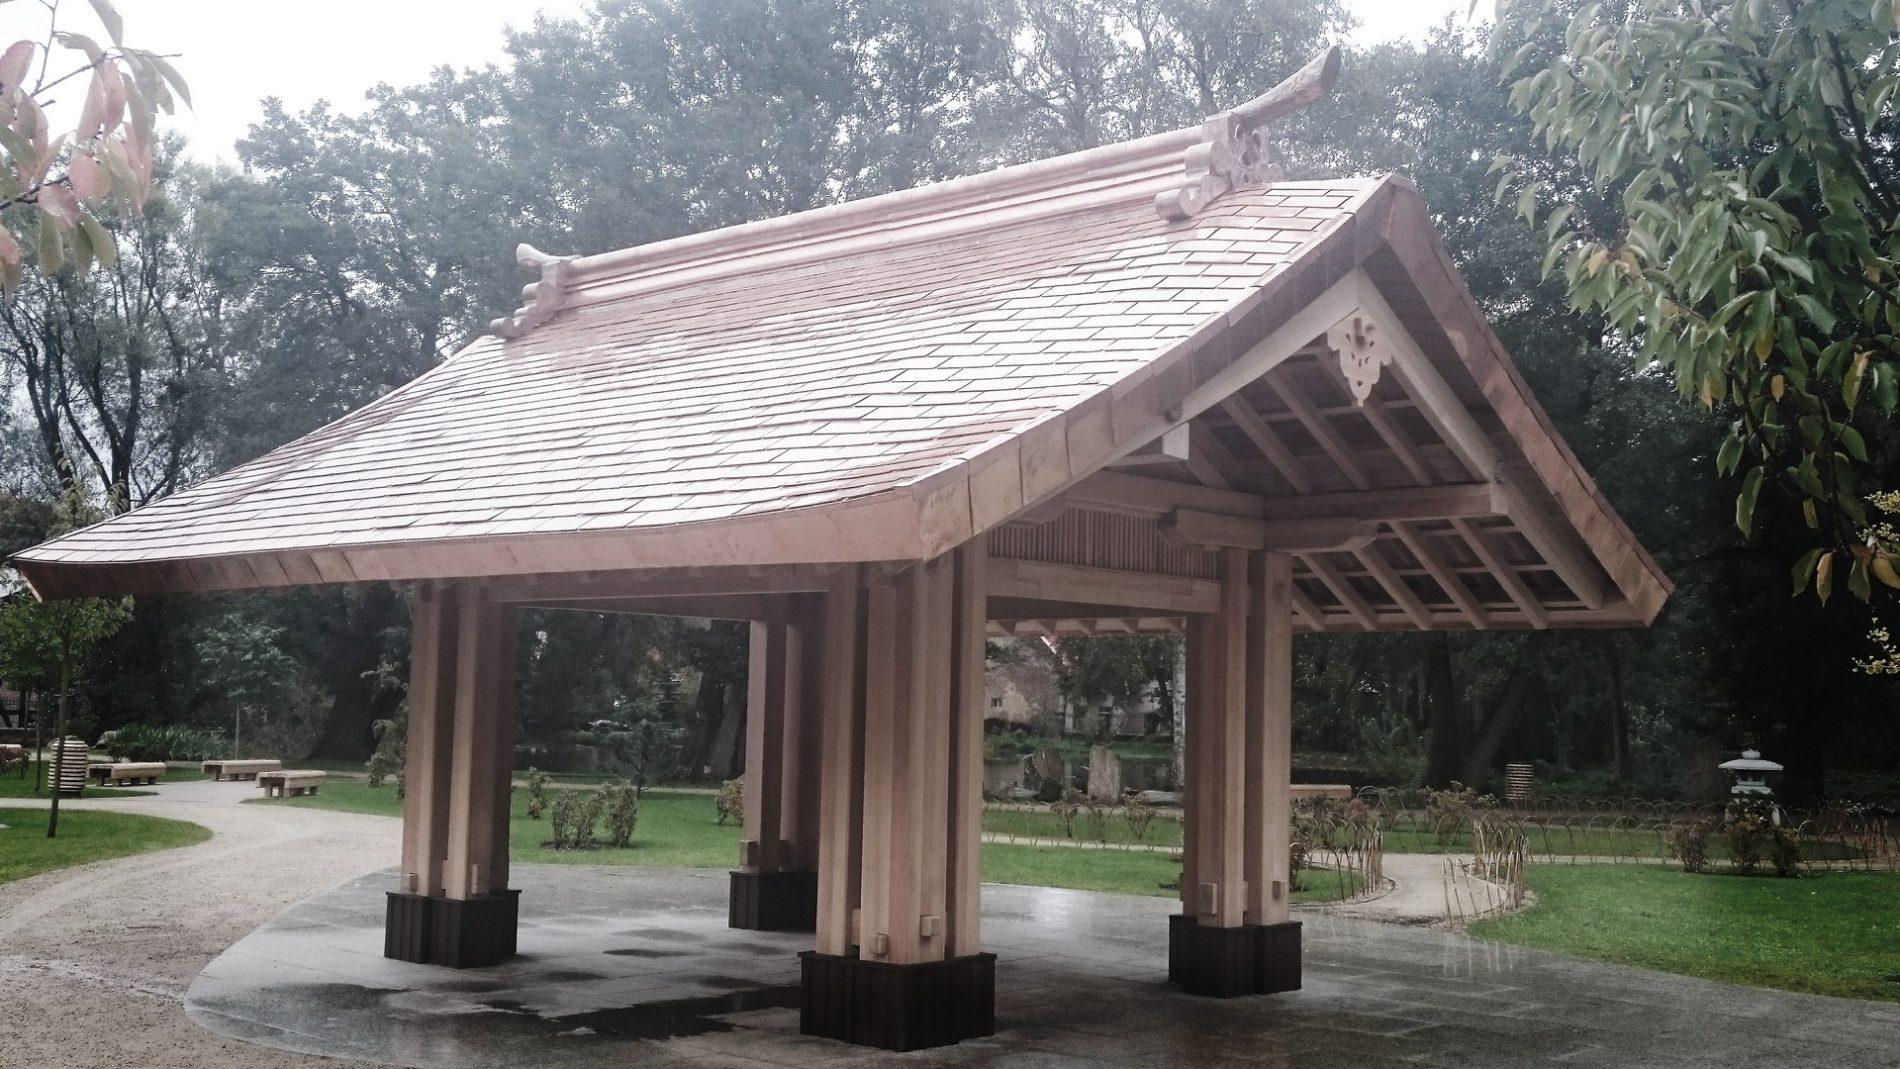 dachówka miedziana na altanie japońskiej